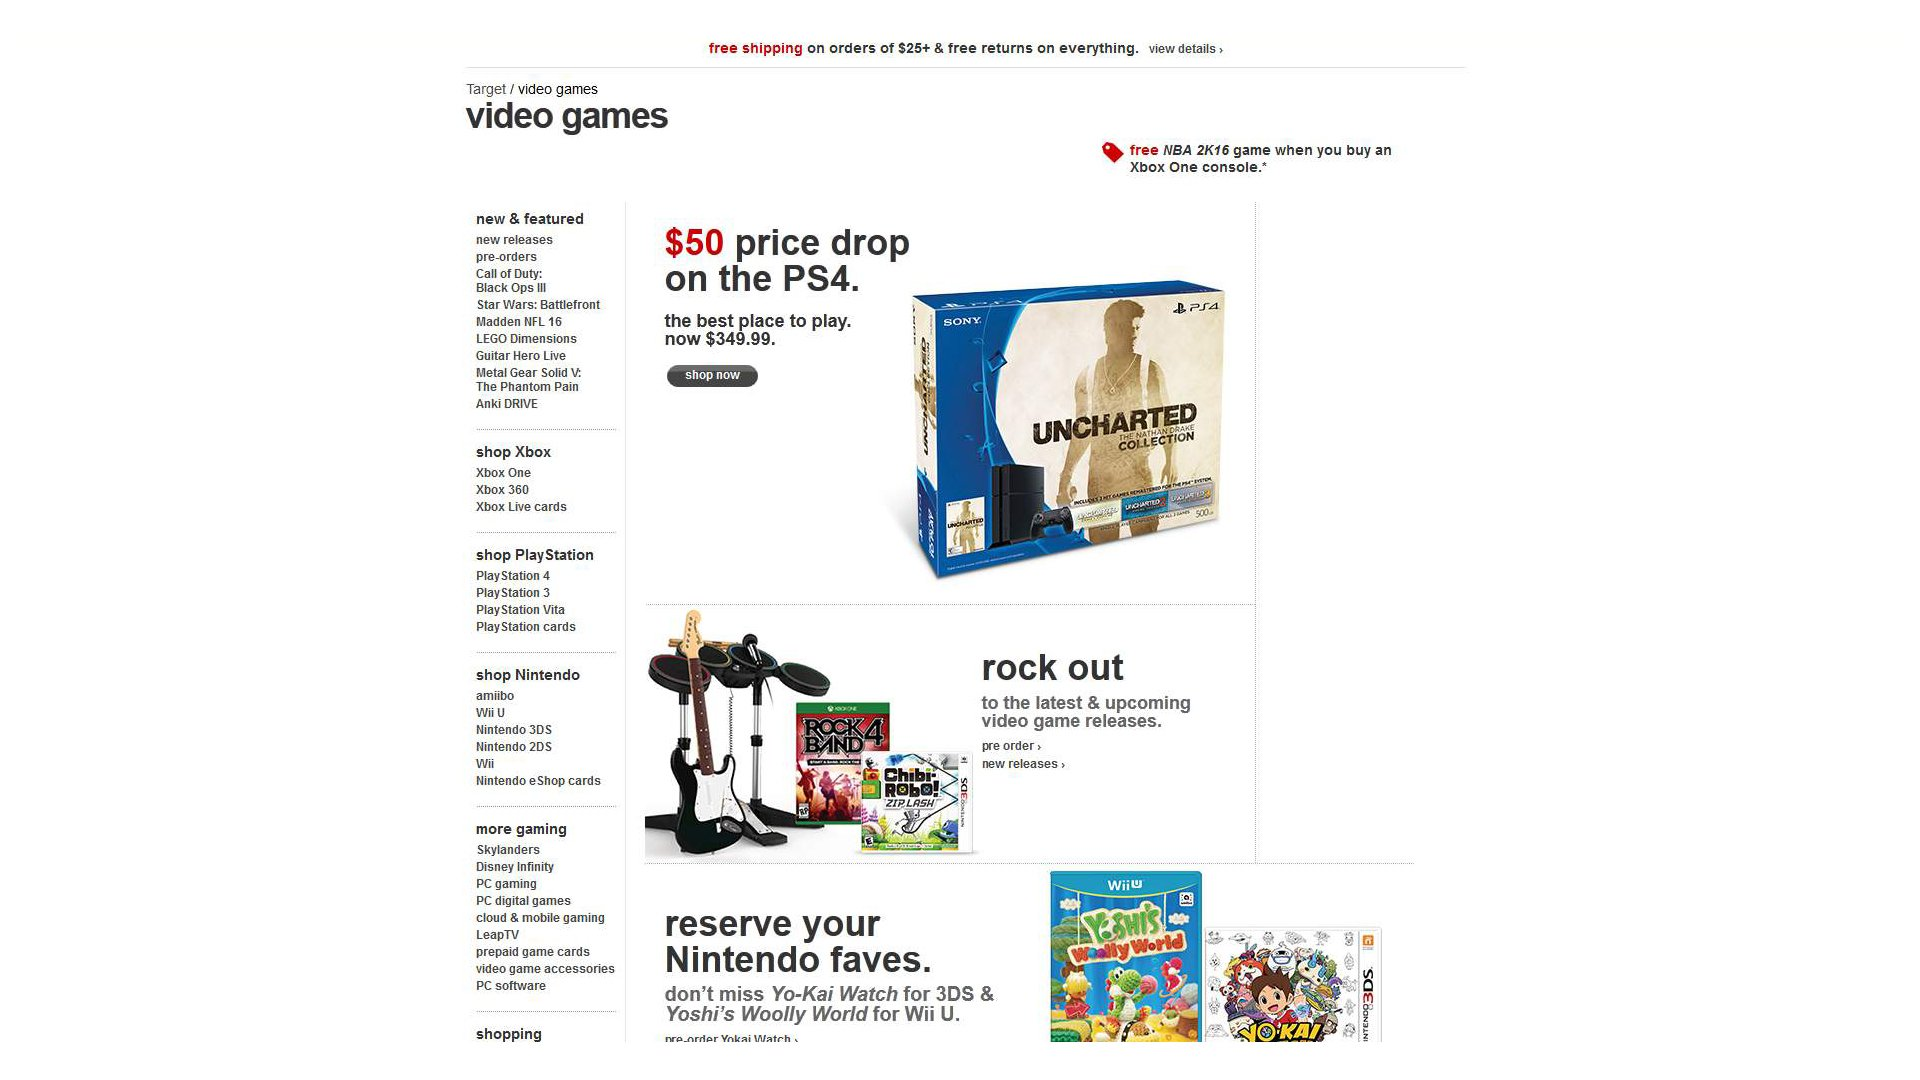 Target-Retailer-PS4-Price-Drop